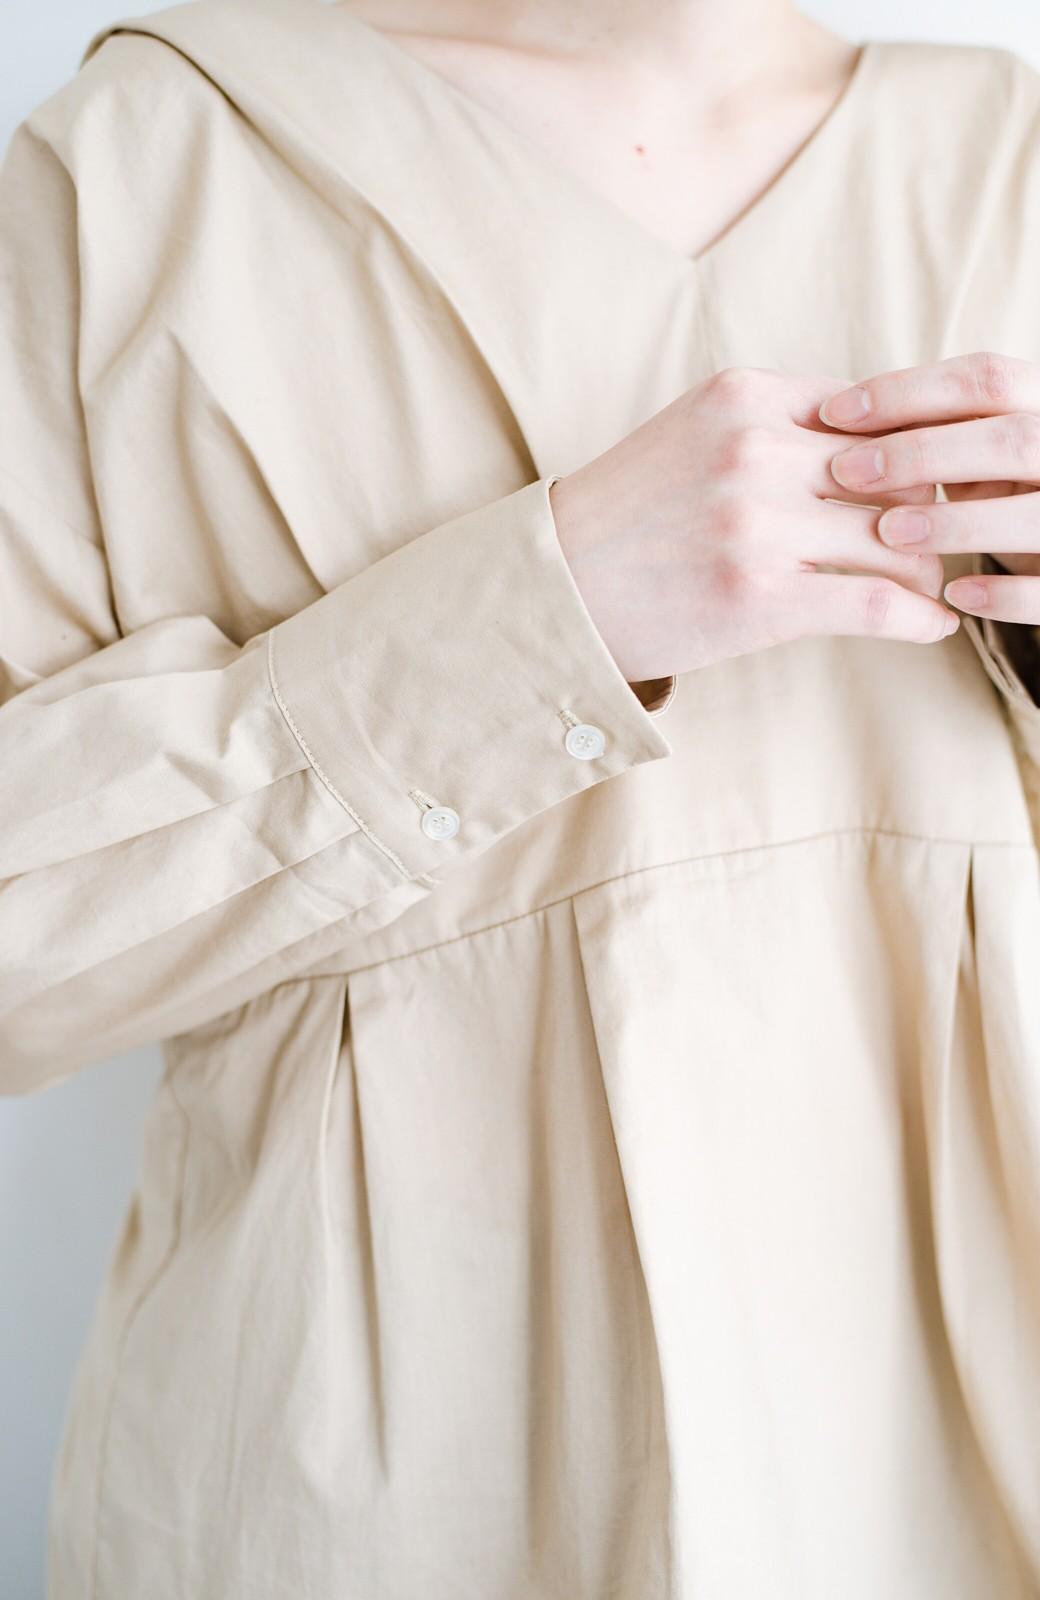 haco! パッと着るだけで今っぽ&女っぽが叶う プルオーバーブラウス <ベージュ>の商品写真6